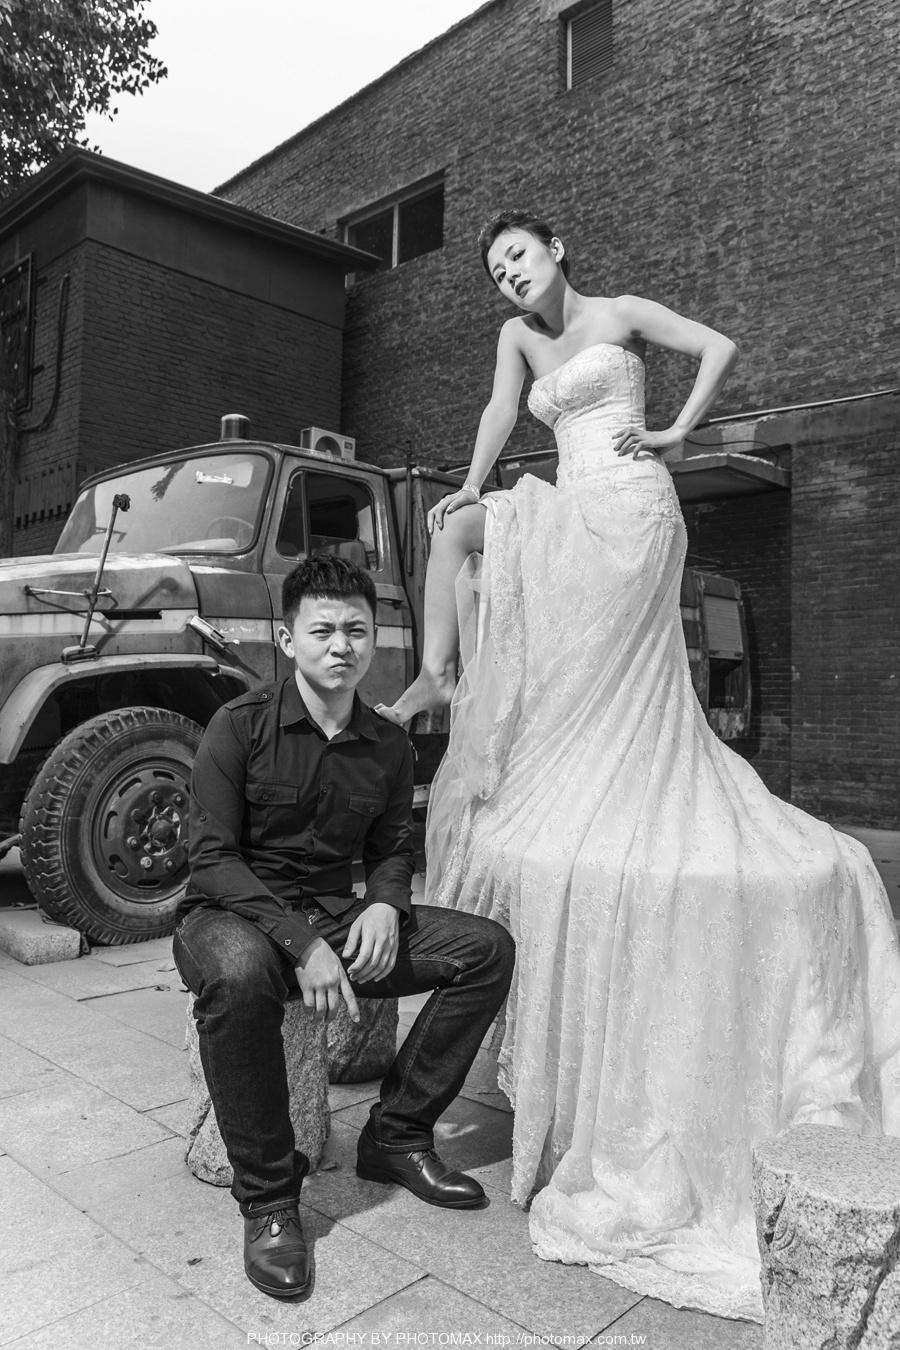 耿苖苖 PHOTOMAX 老麦摄影 北京婚纱摄影 绕着世界拍爱情 (2)